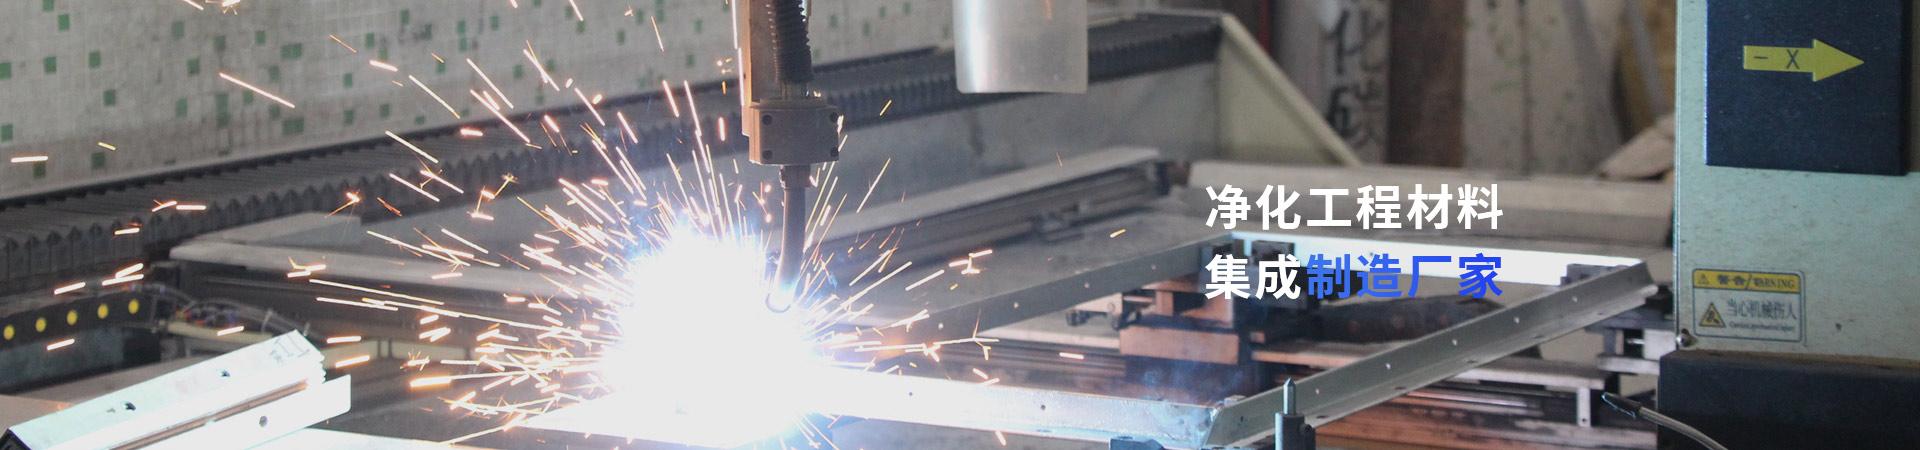 龙大·净化工程材料集成制造厂家